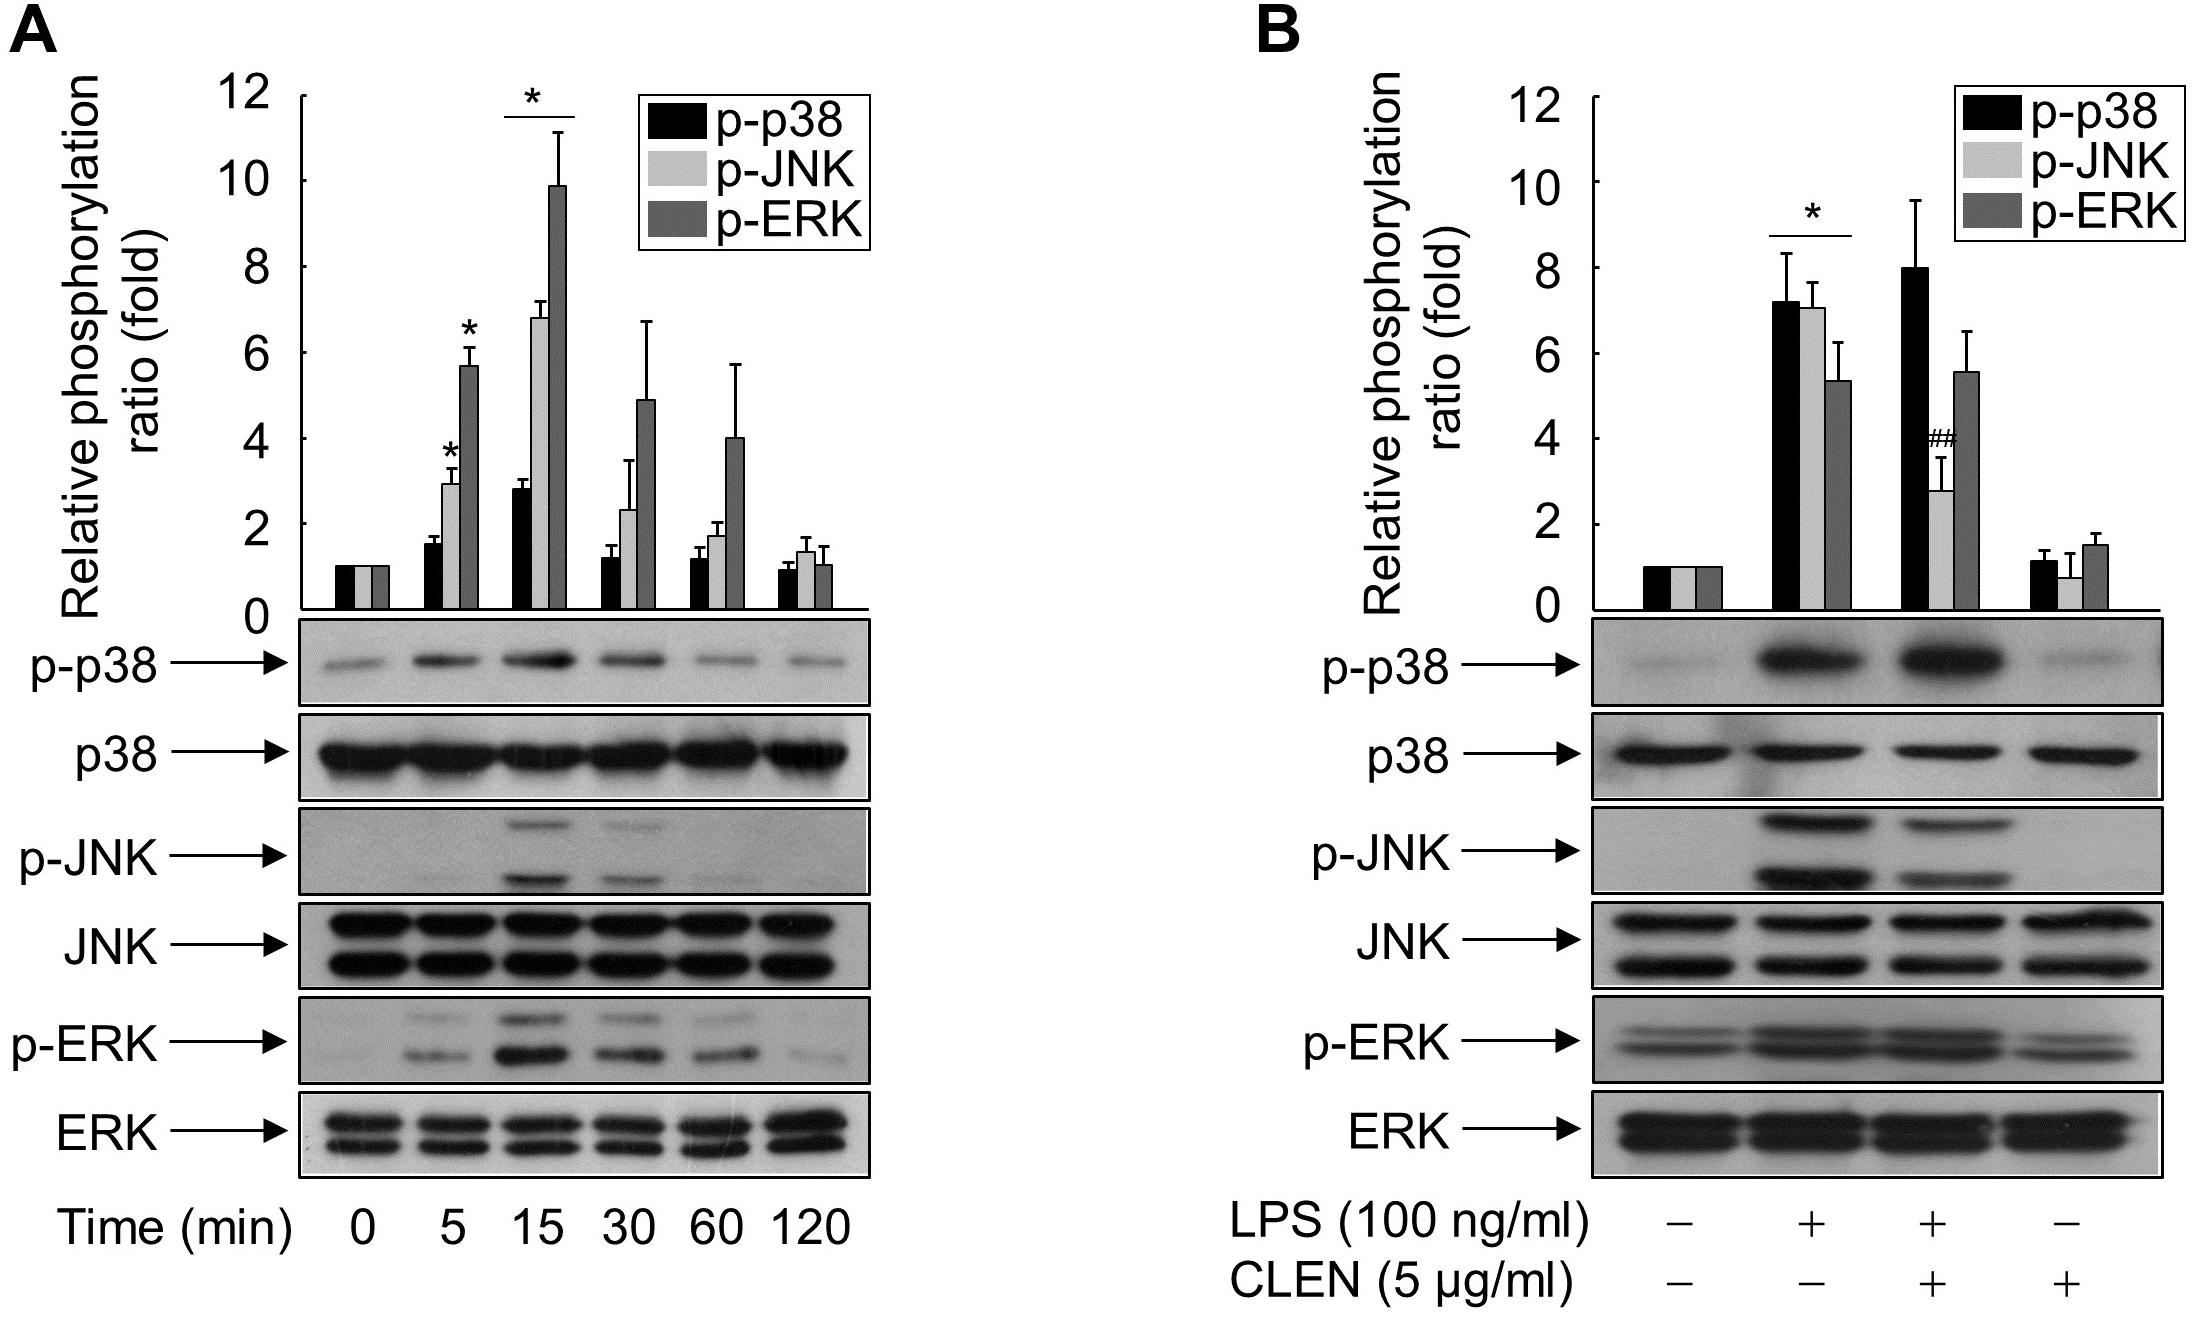 Curcumin longa extract-loaded nanoemulsion improves the